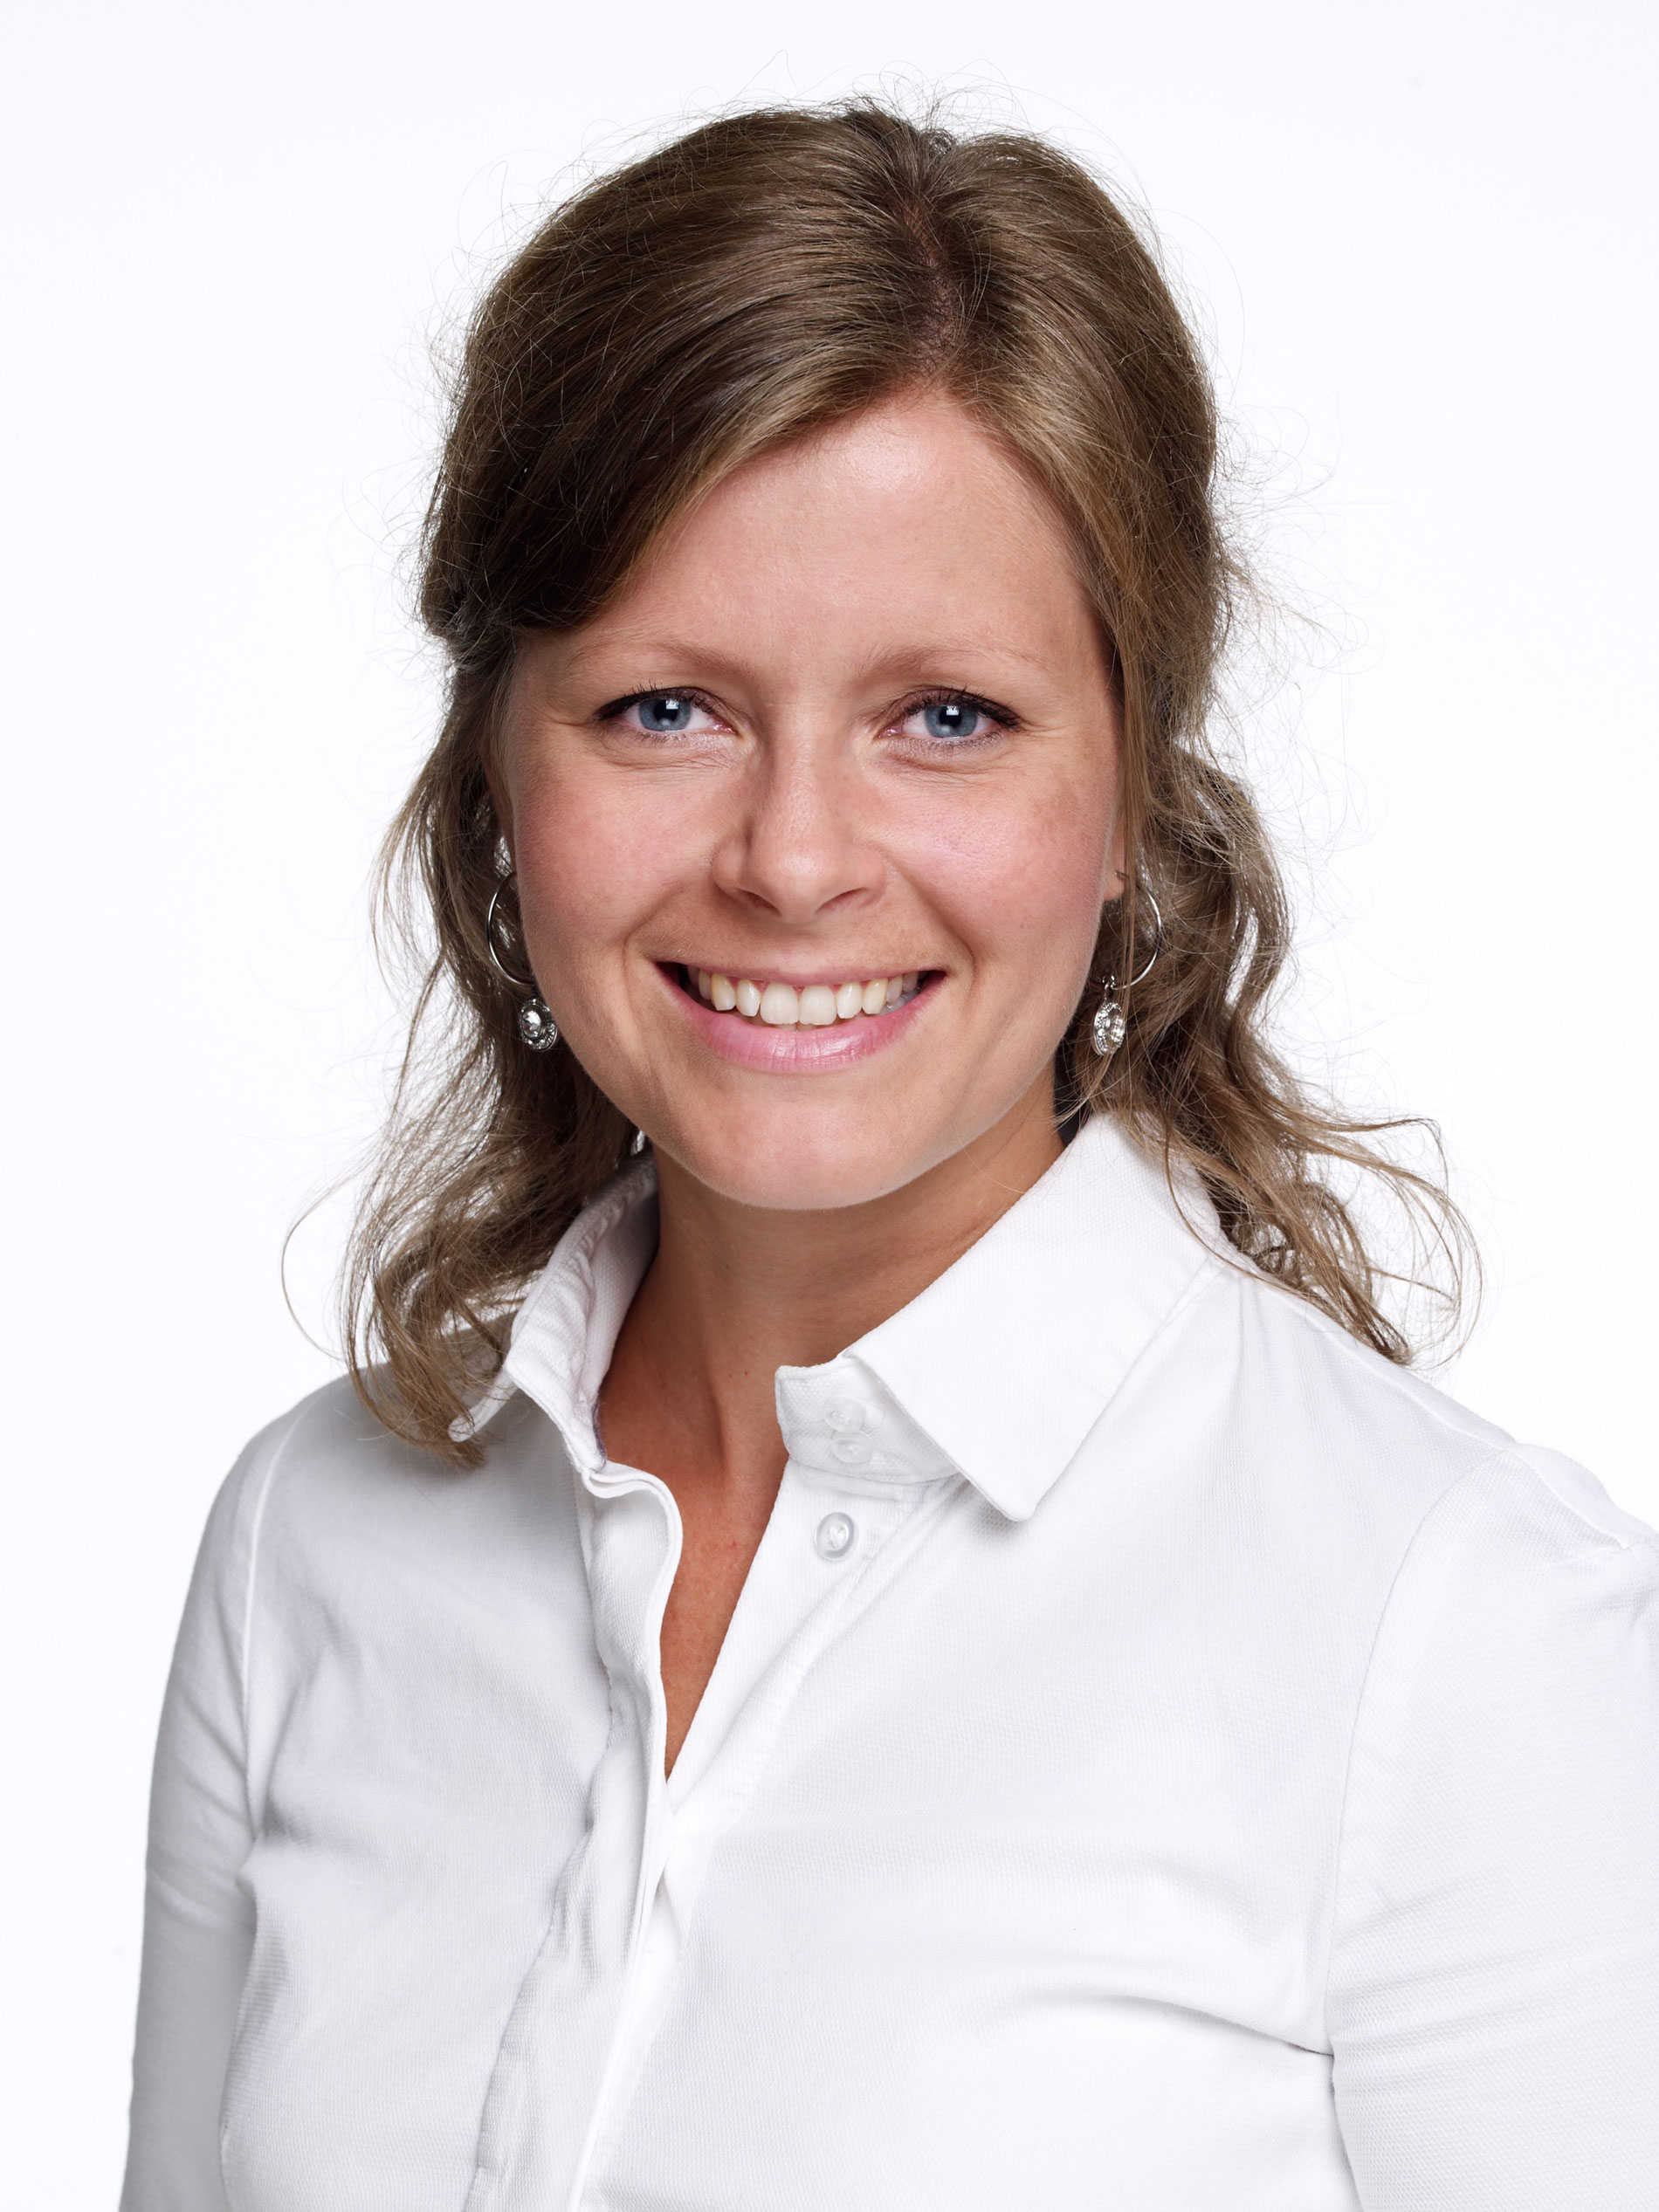 HÅPER PÅ ENDRING: Advokat i Finansforbundet, Anne Ruth Fedje Eckholdt, håper det ekstra lønnstrinnet etter permisjon kan bidra til at finansfedre tar en lenger og større del av foreldrepermisjonen.